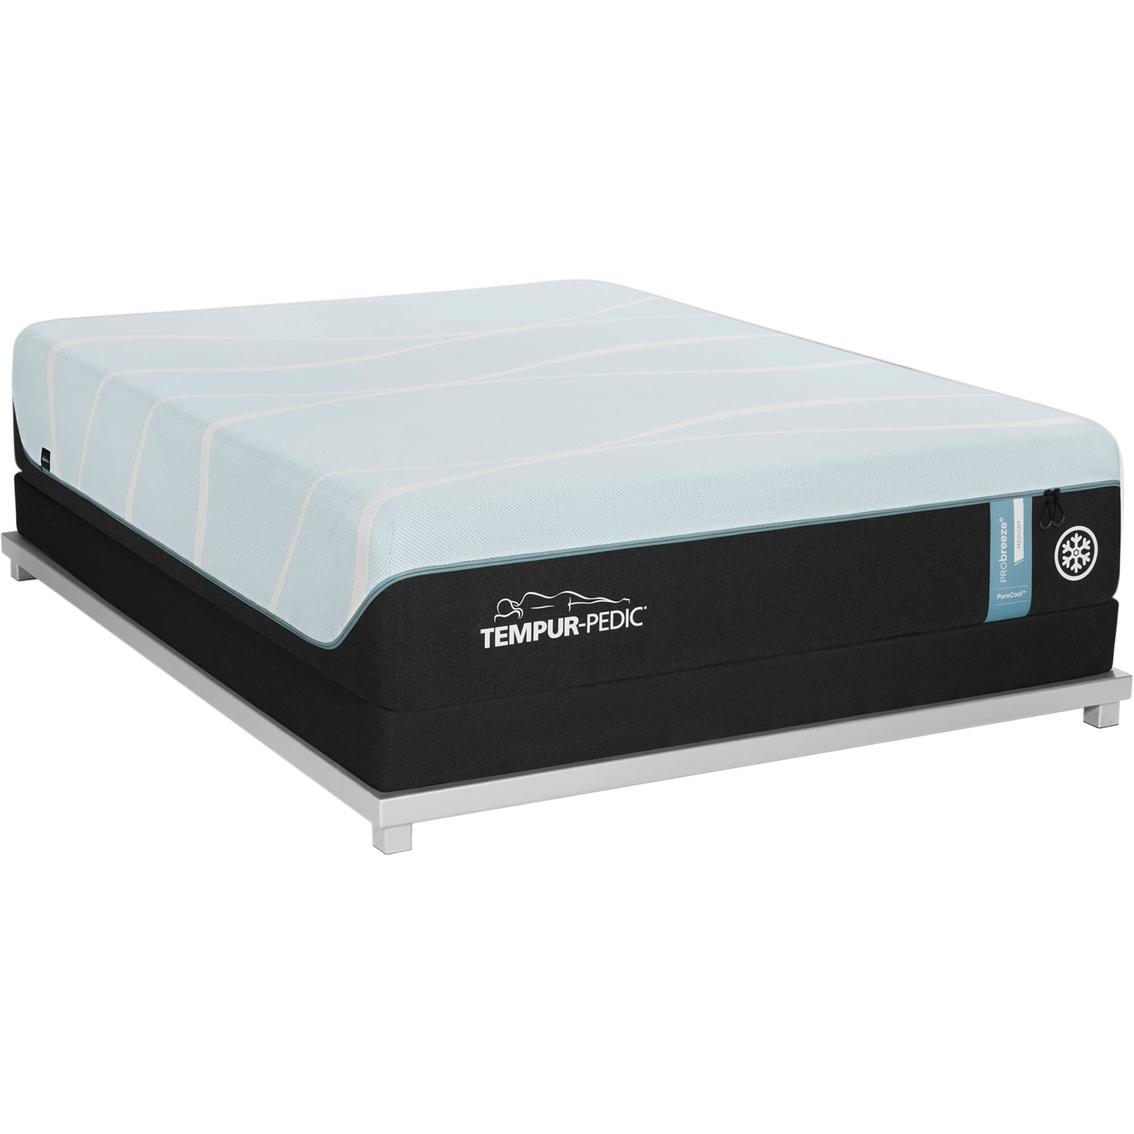 Tempur Memory Foam Mattress >> Tempur Pedic Tempur Probreeze Medium Memory Foam Mattress